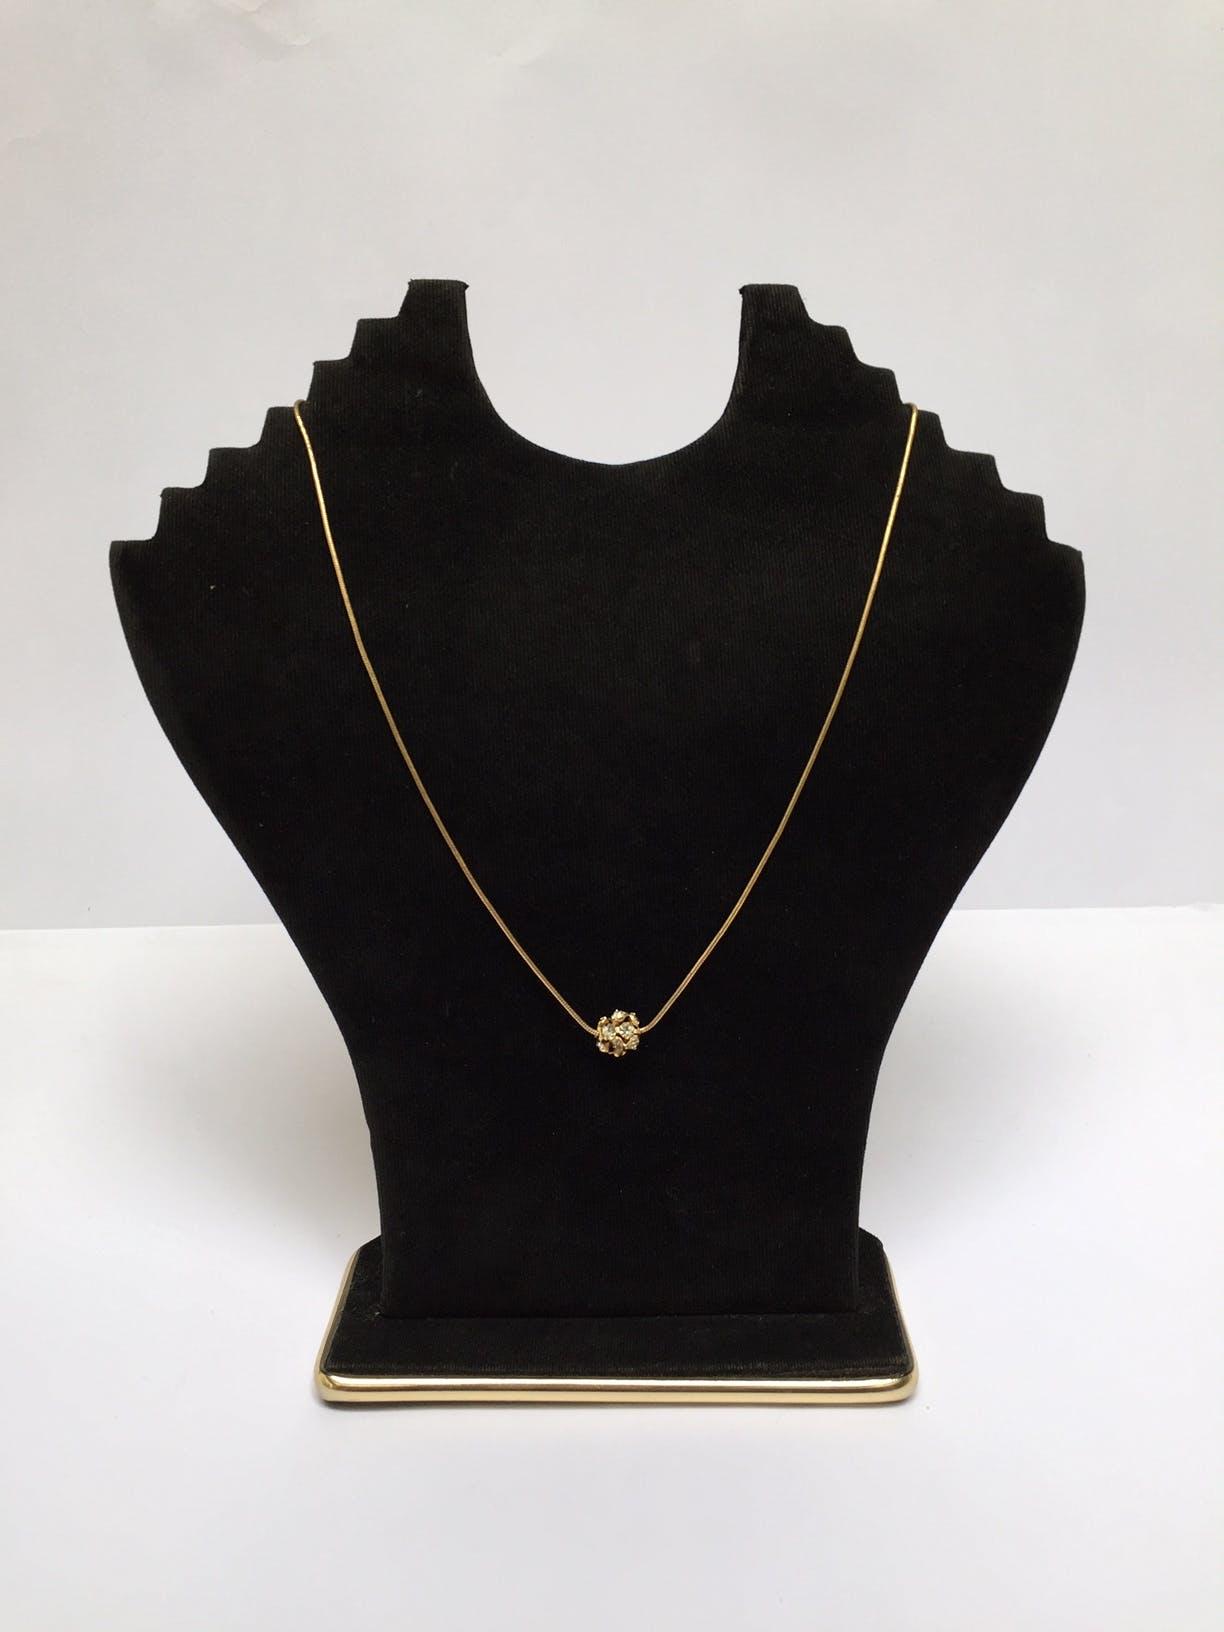 Collar cadena de oro 14k con dije en forma circular con incrustaciones tipo diamante Diámetro: 46 cm